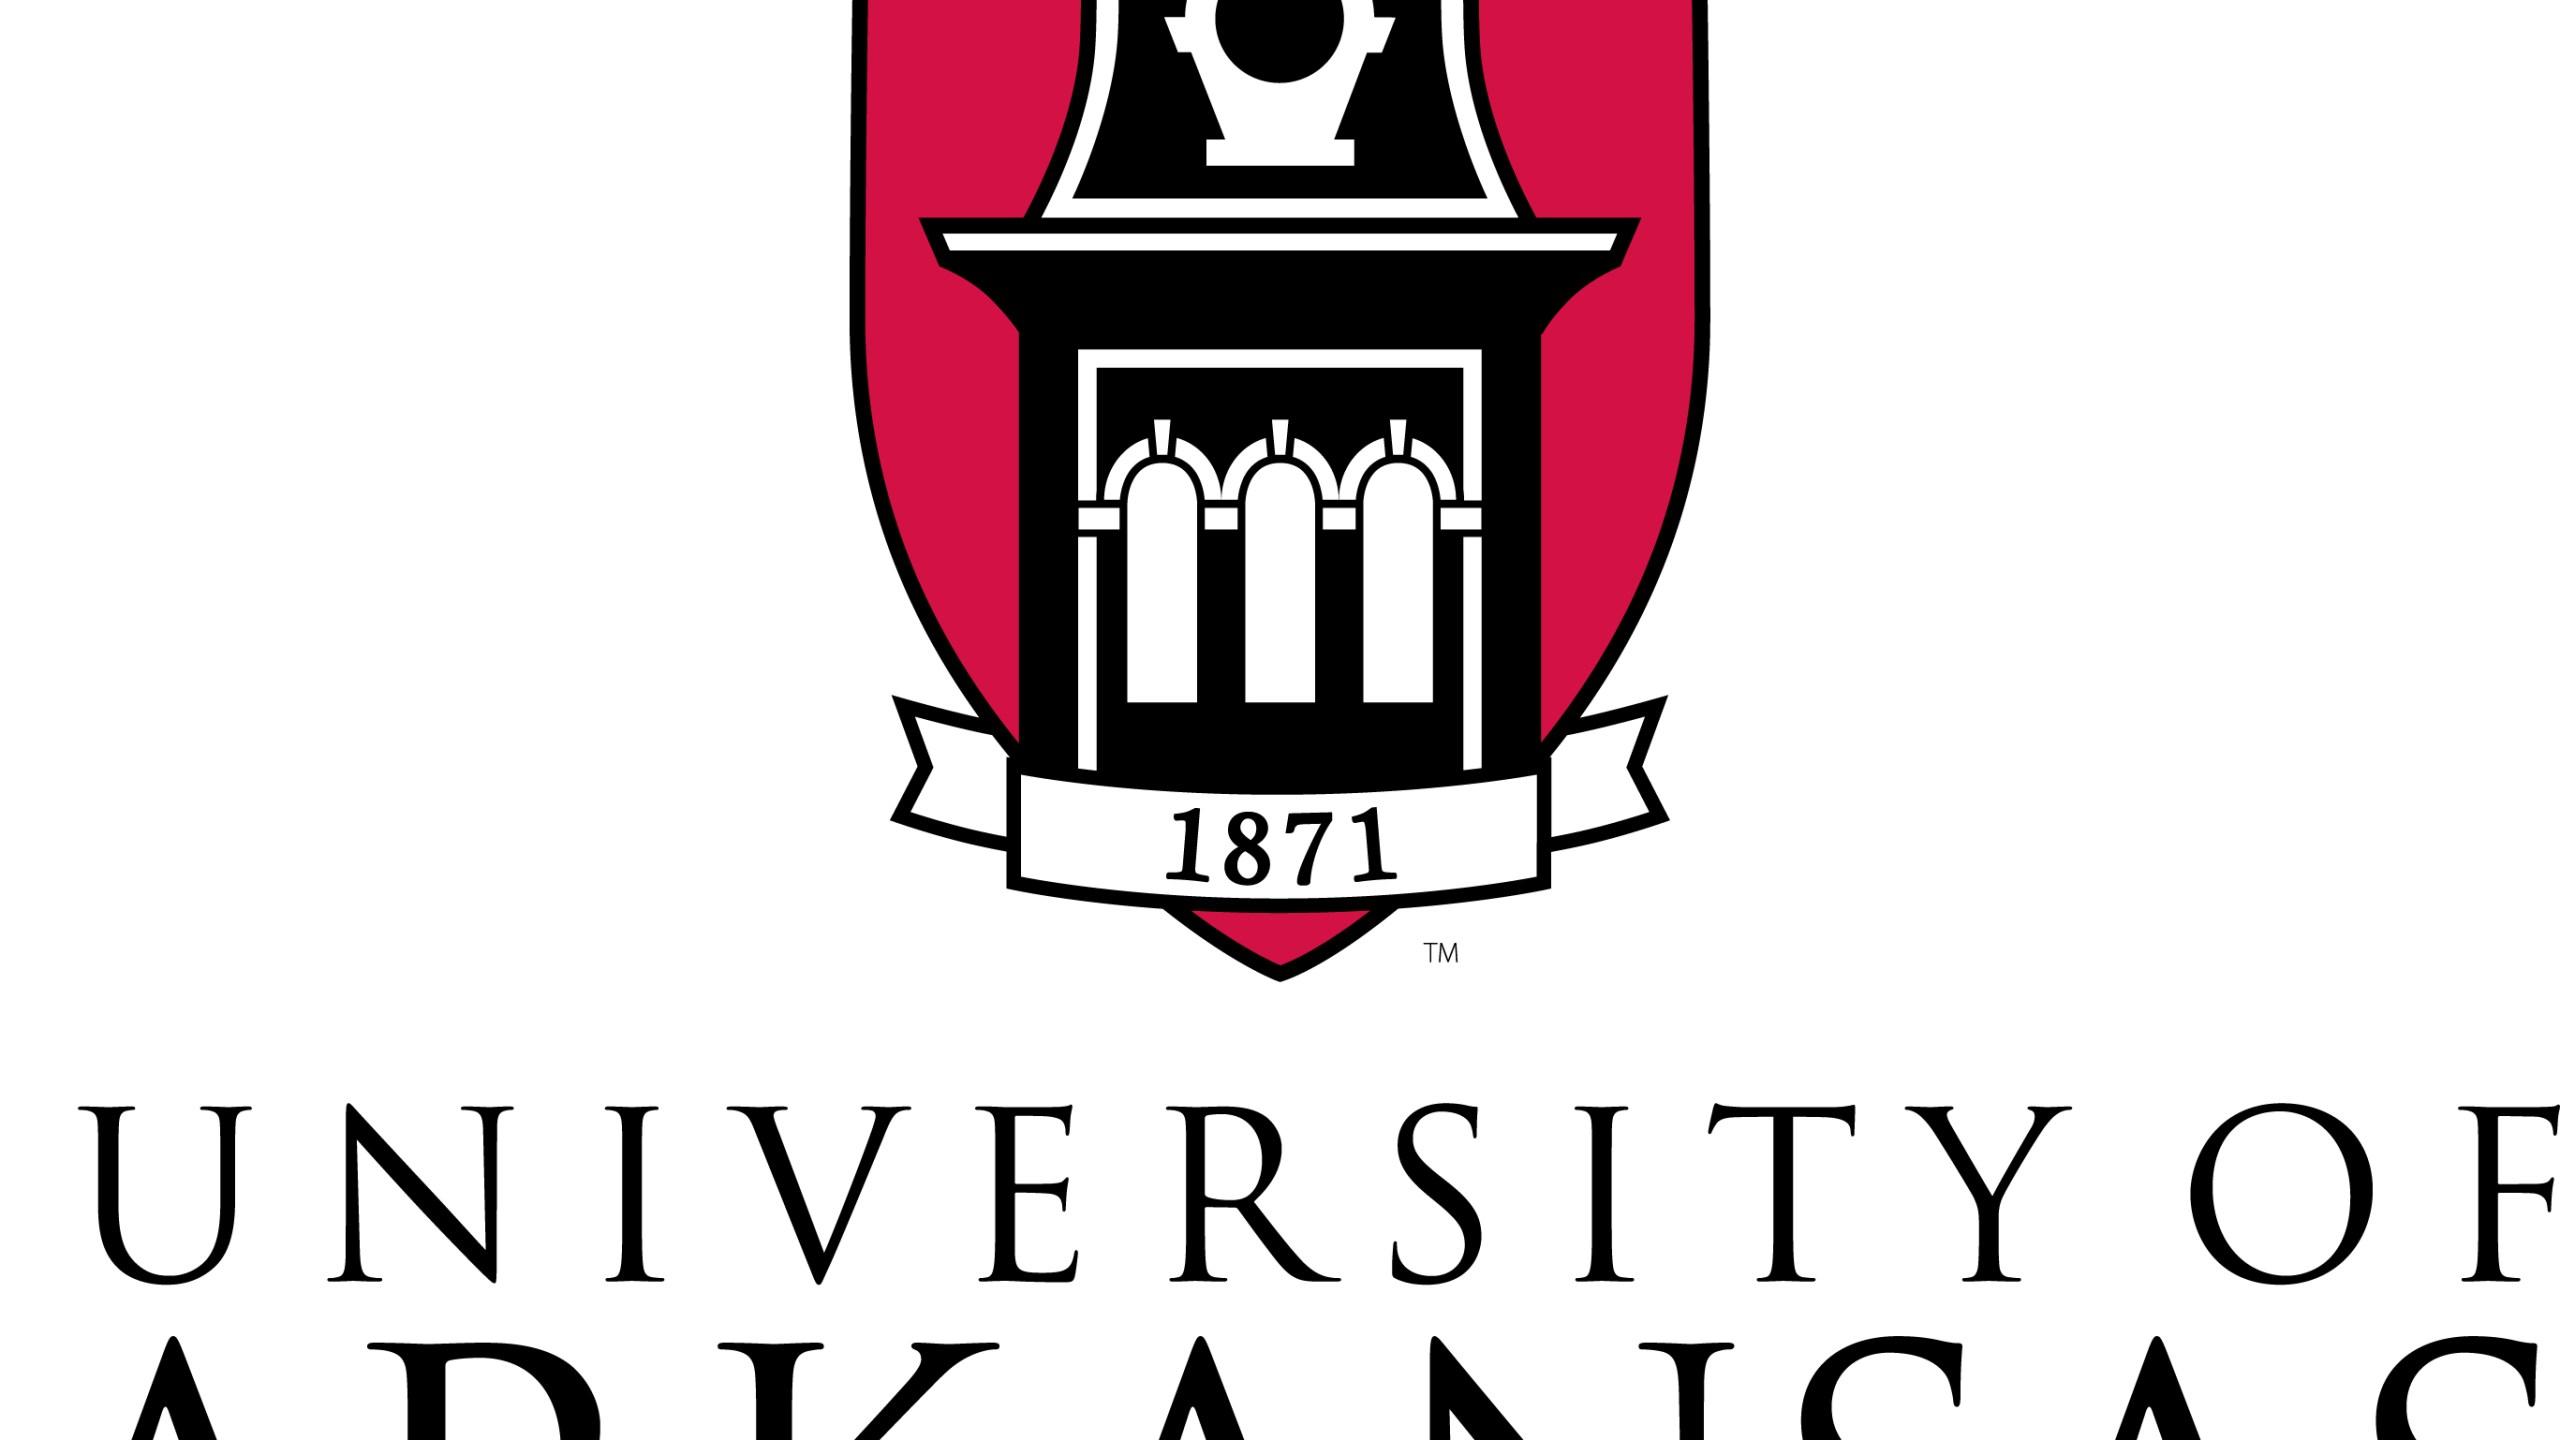 University_of_Arkansas_-_Fayetteville_logo_1476373209782-118809306.jpg